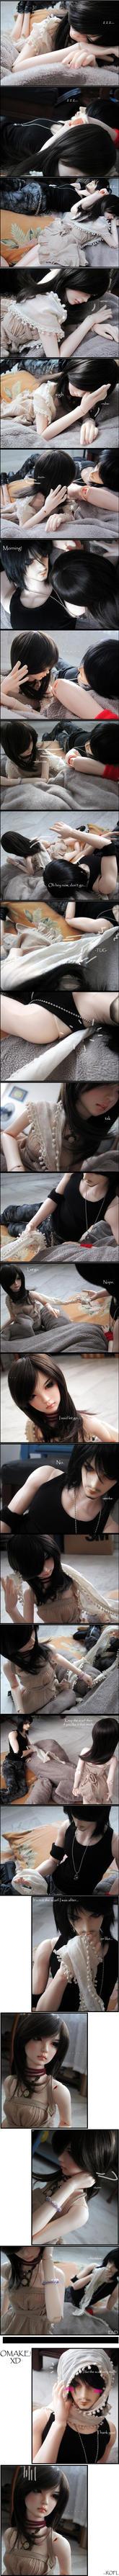 Oi my scarf! by Na7s